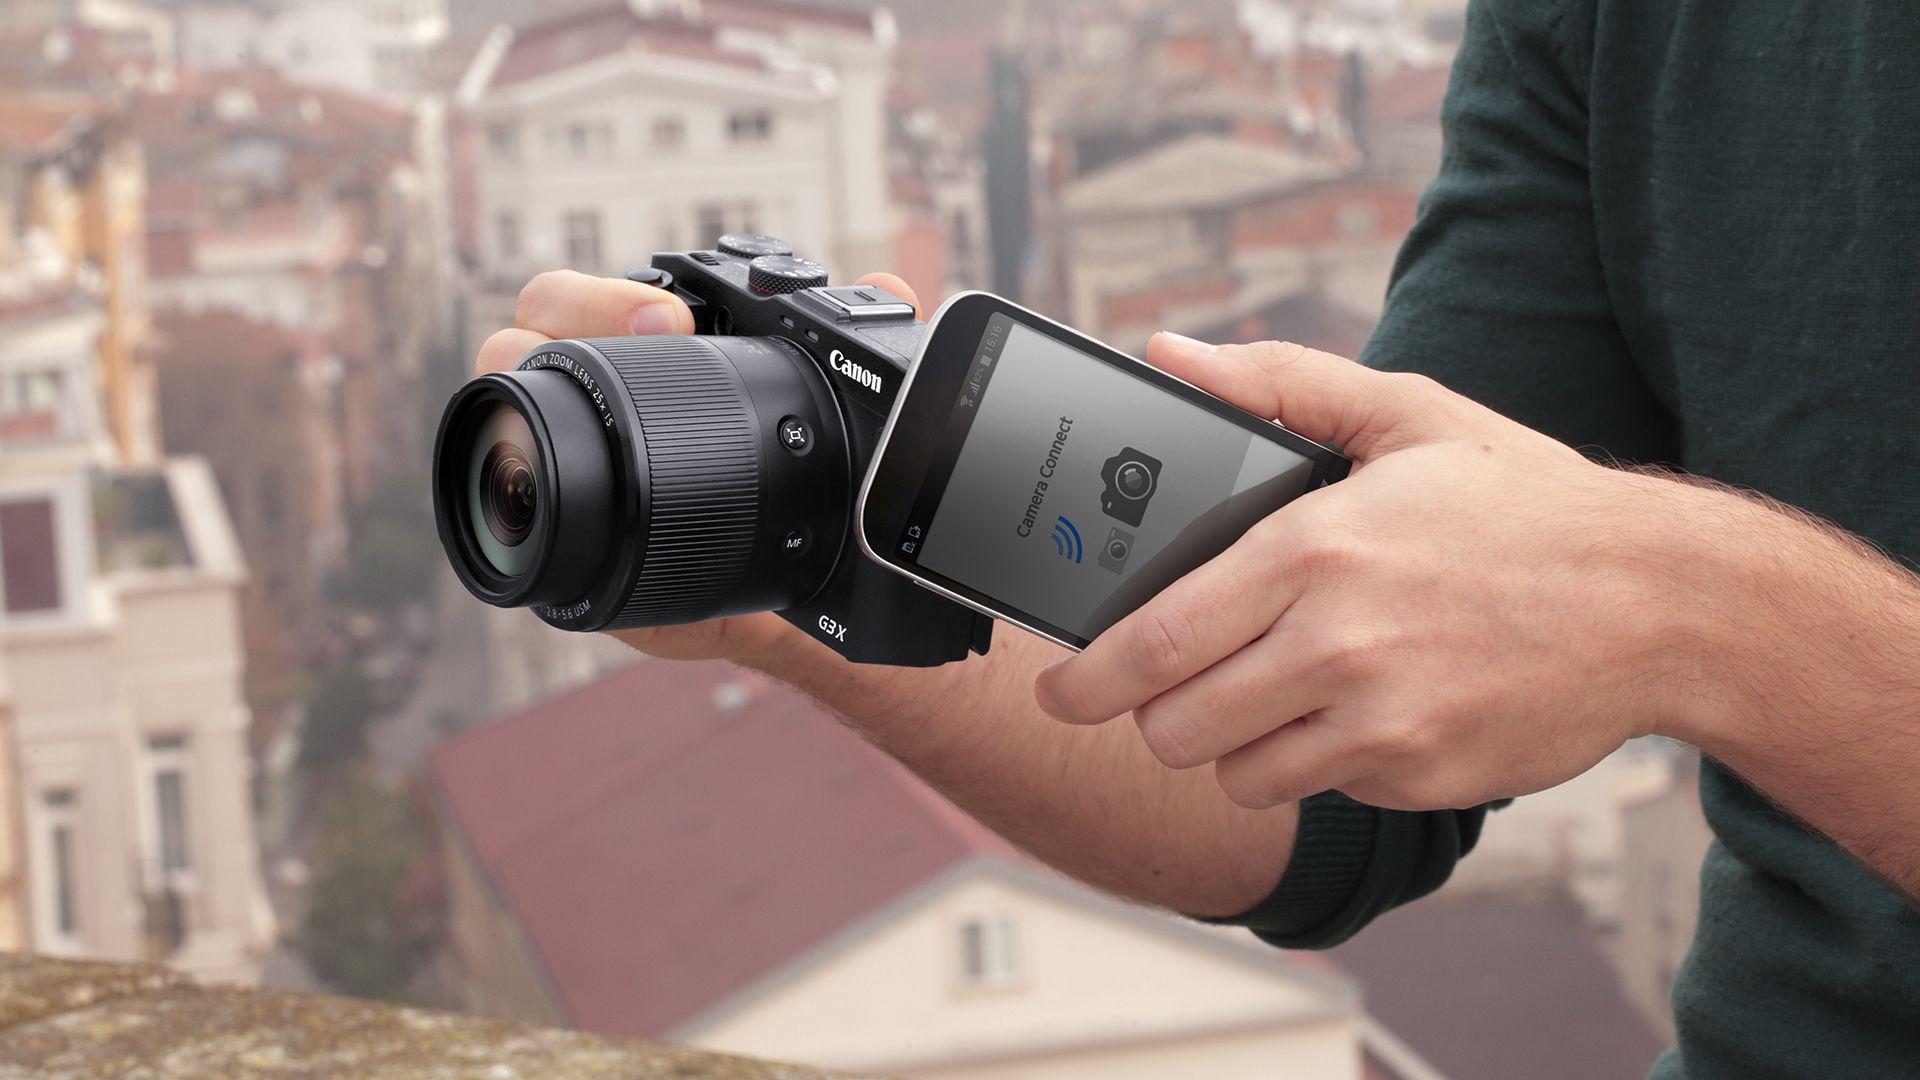 Las mejores cámaras digitales WiFi de Nikon y Canon para capturar los mejores momentos